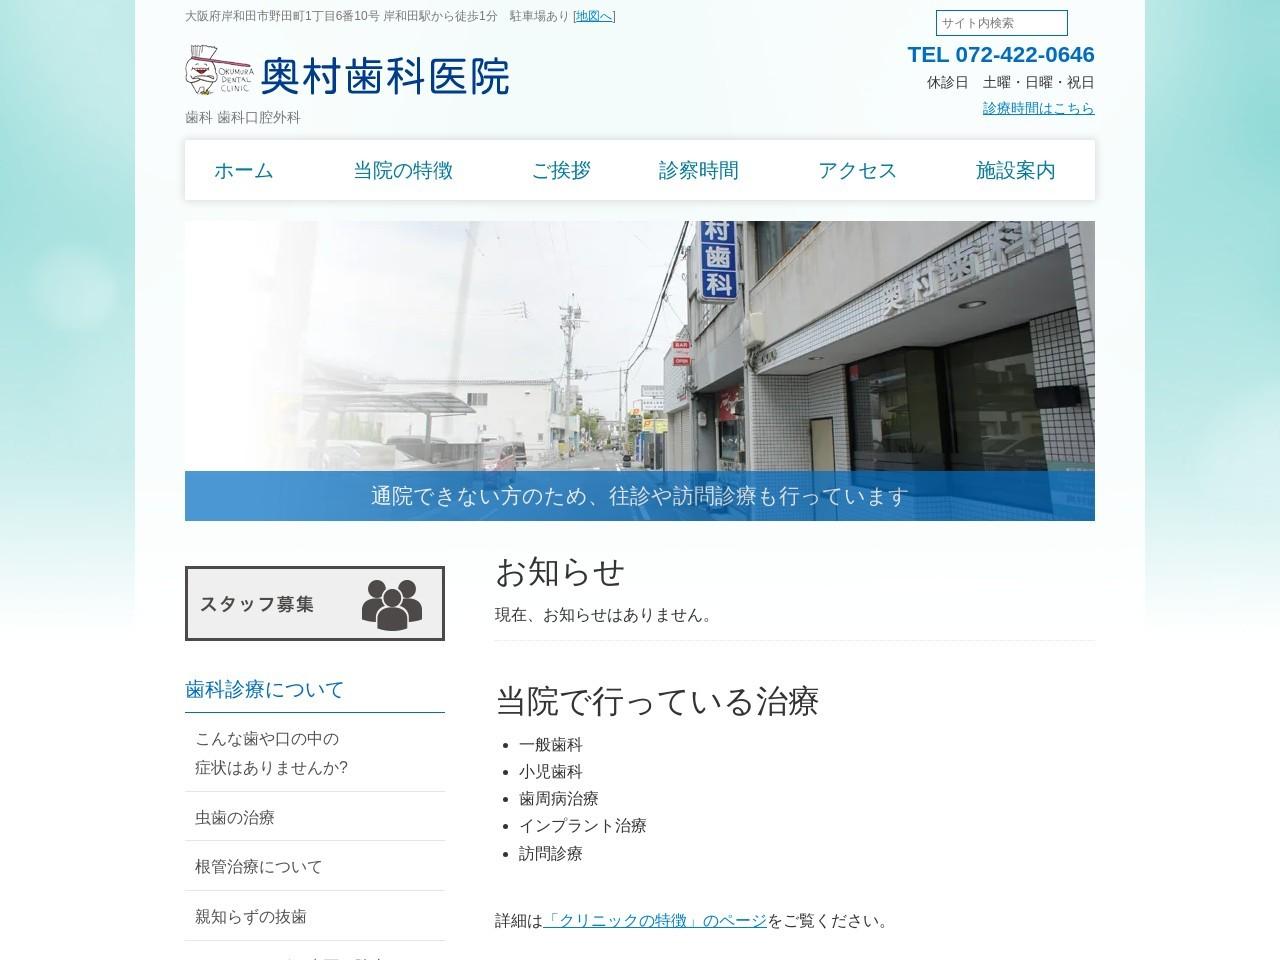 奥村歯科医院 (大阪府岸和田市)